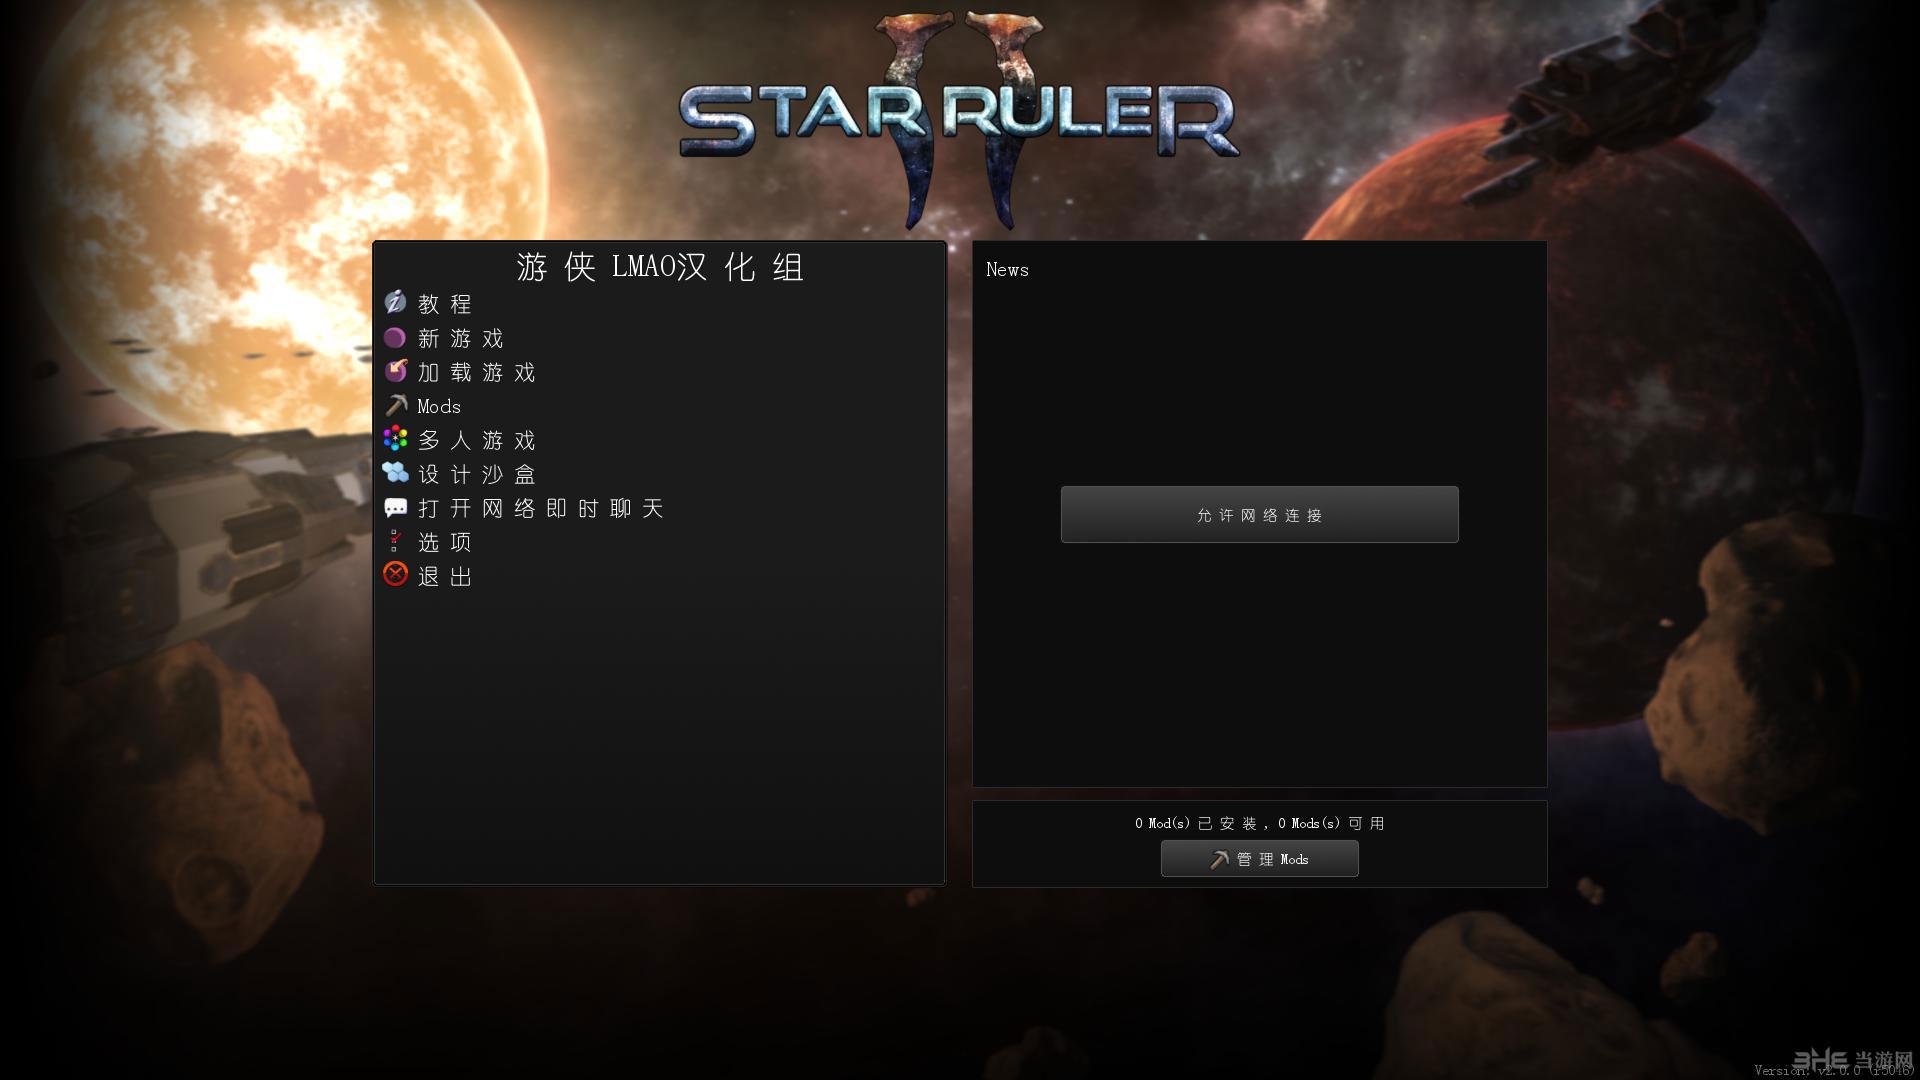 星际统治者2简体中文汉化补丁截图0